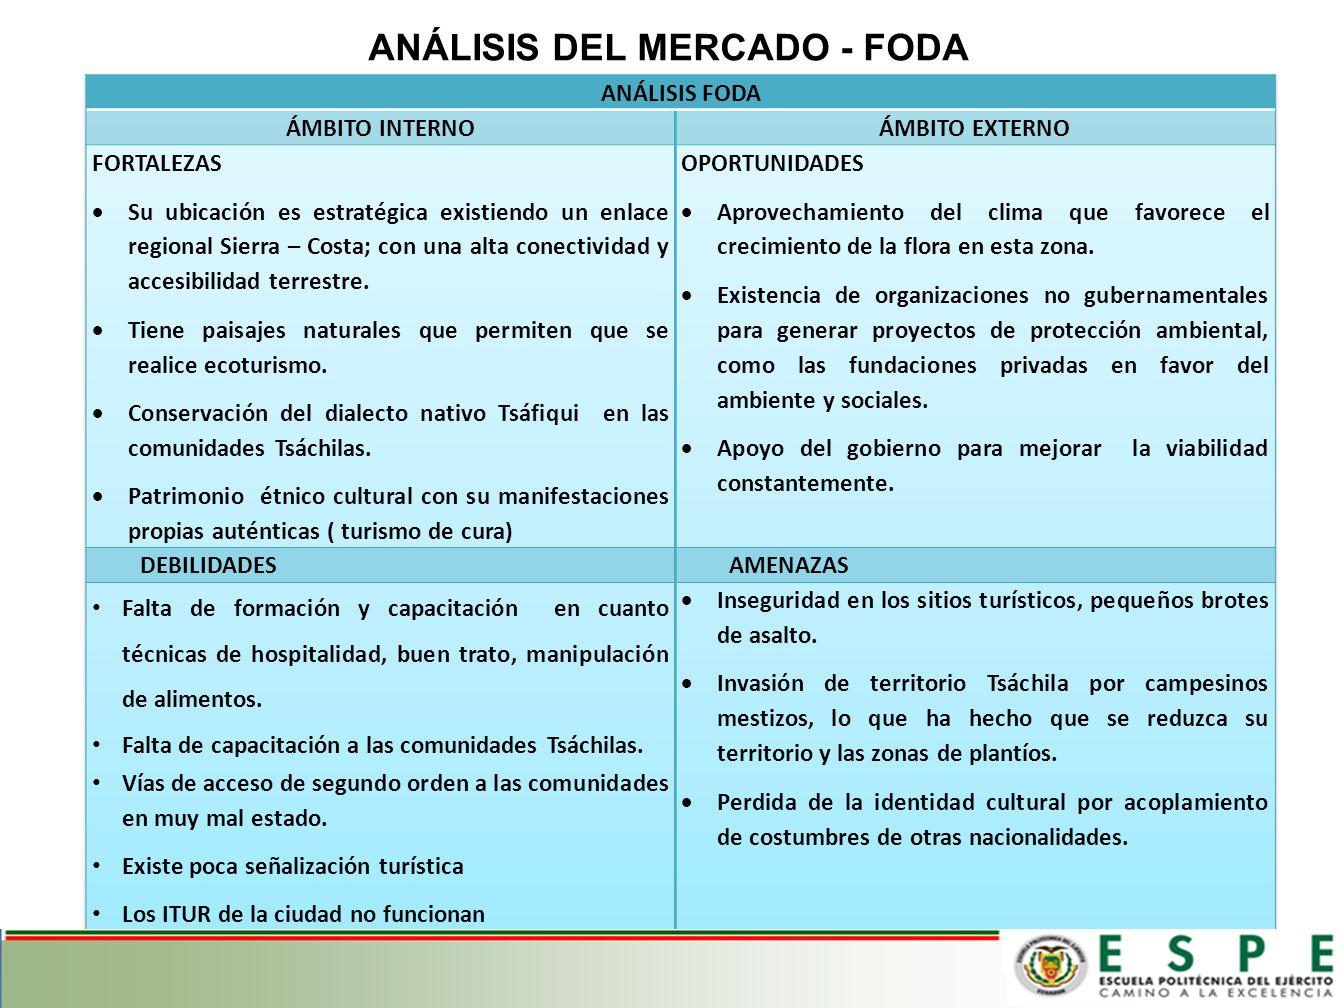 DEMANDA DE SERVICIOS TURÍSTICOS POR EL CONSUMIDOR DEMANDA EDAD 31-45 LATINOS 100-150 ALOJAMIENTO VACACIONES Y NEGOCIOS 3 DÍAS MAYO – AGOSTO OFERTAHOTELES ETNOTURISMO AVENTURA COMUNIDADES TSÁCHILAS BALNEARIOS CLIMA ATRACTIVOS NATURALES ENCUESTA